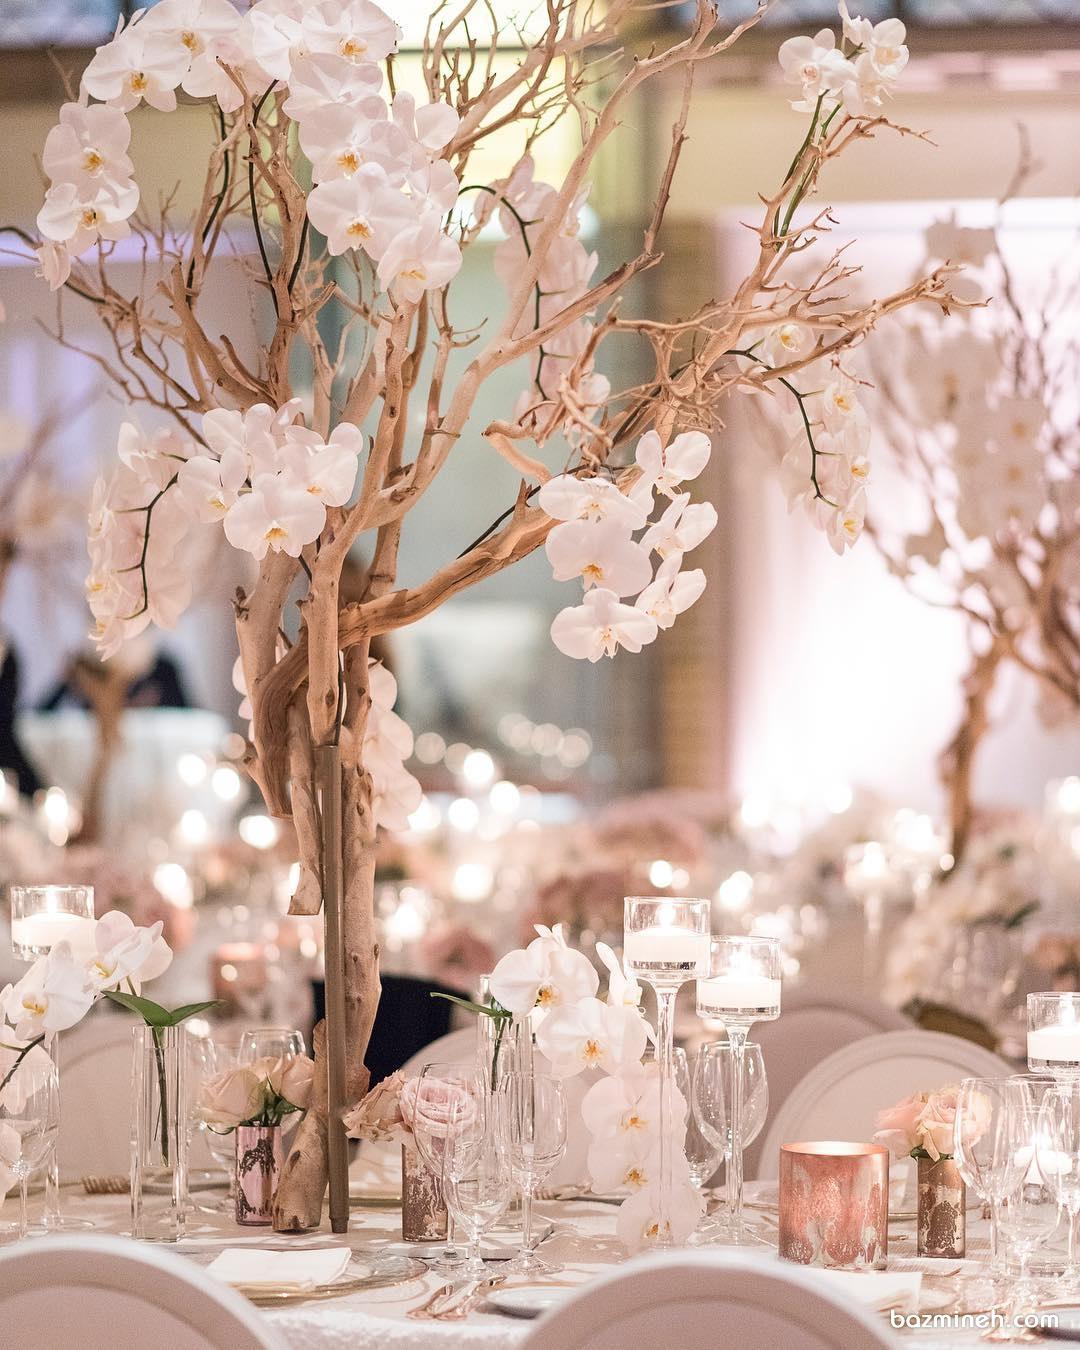 ایده جالب کاربرد ساقه های خشک درخت به همراه گل های ارکیده سفید بر روی میزهای پذیرایی مجالس خاص و باشکوه